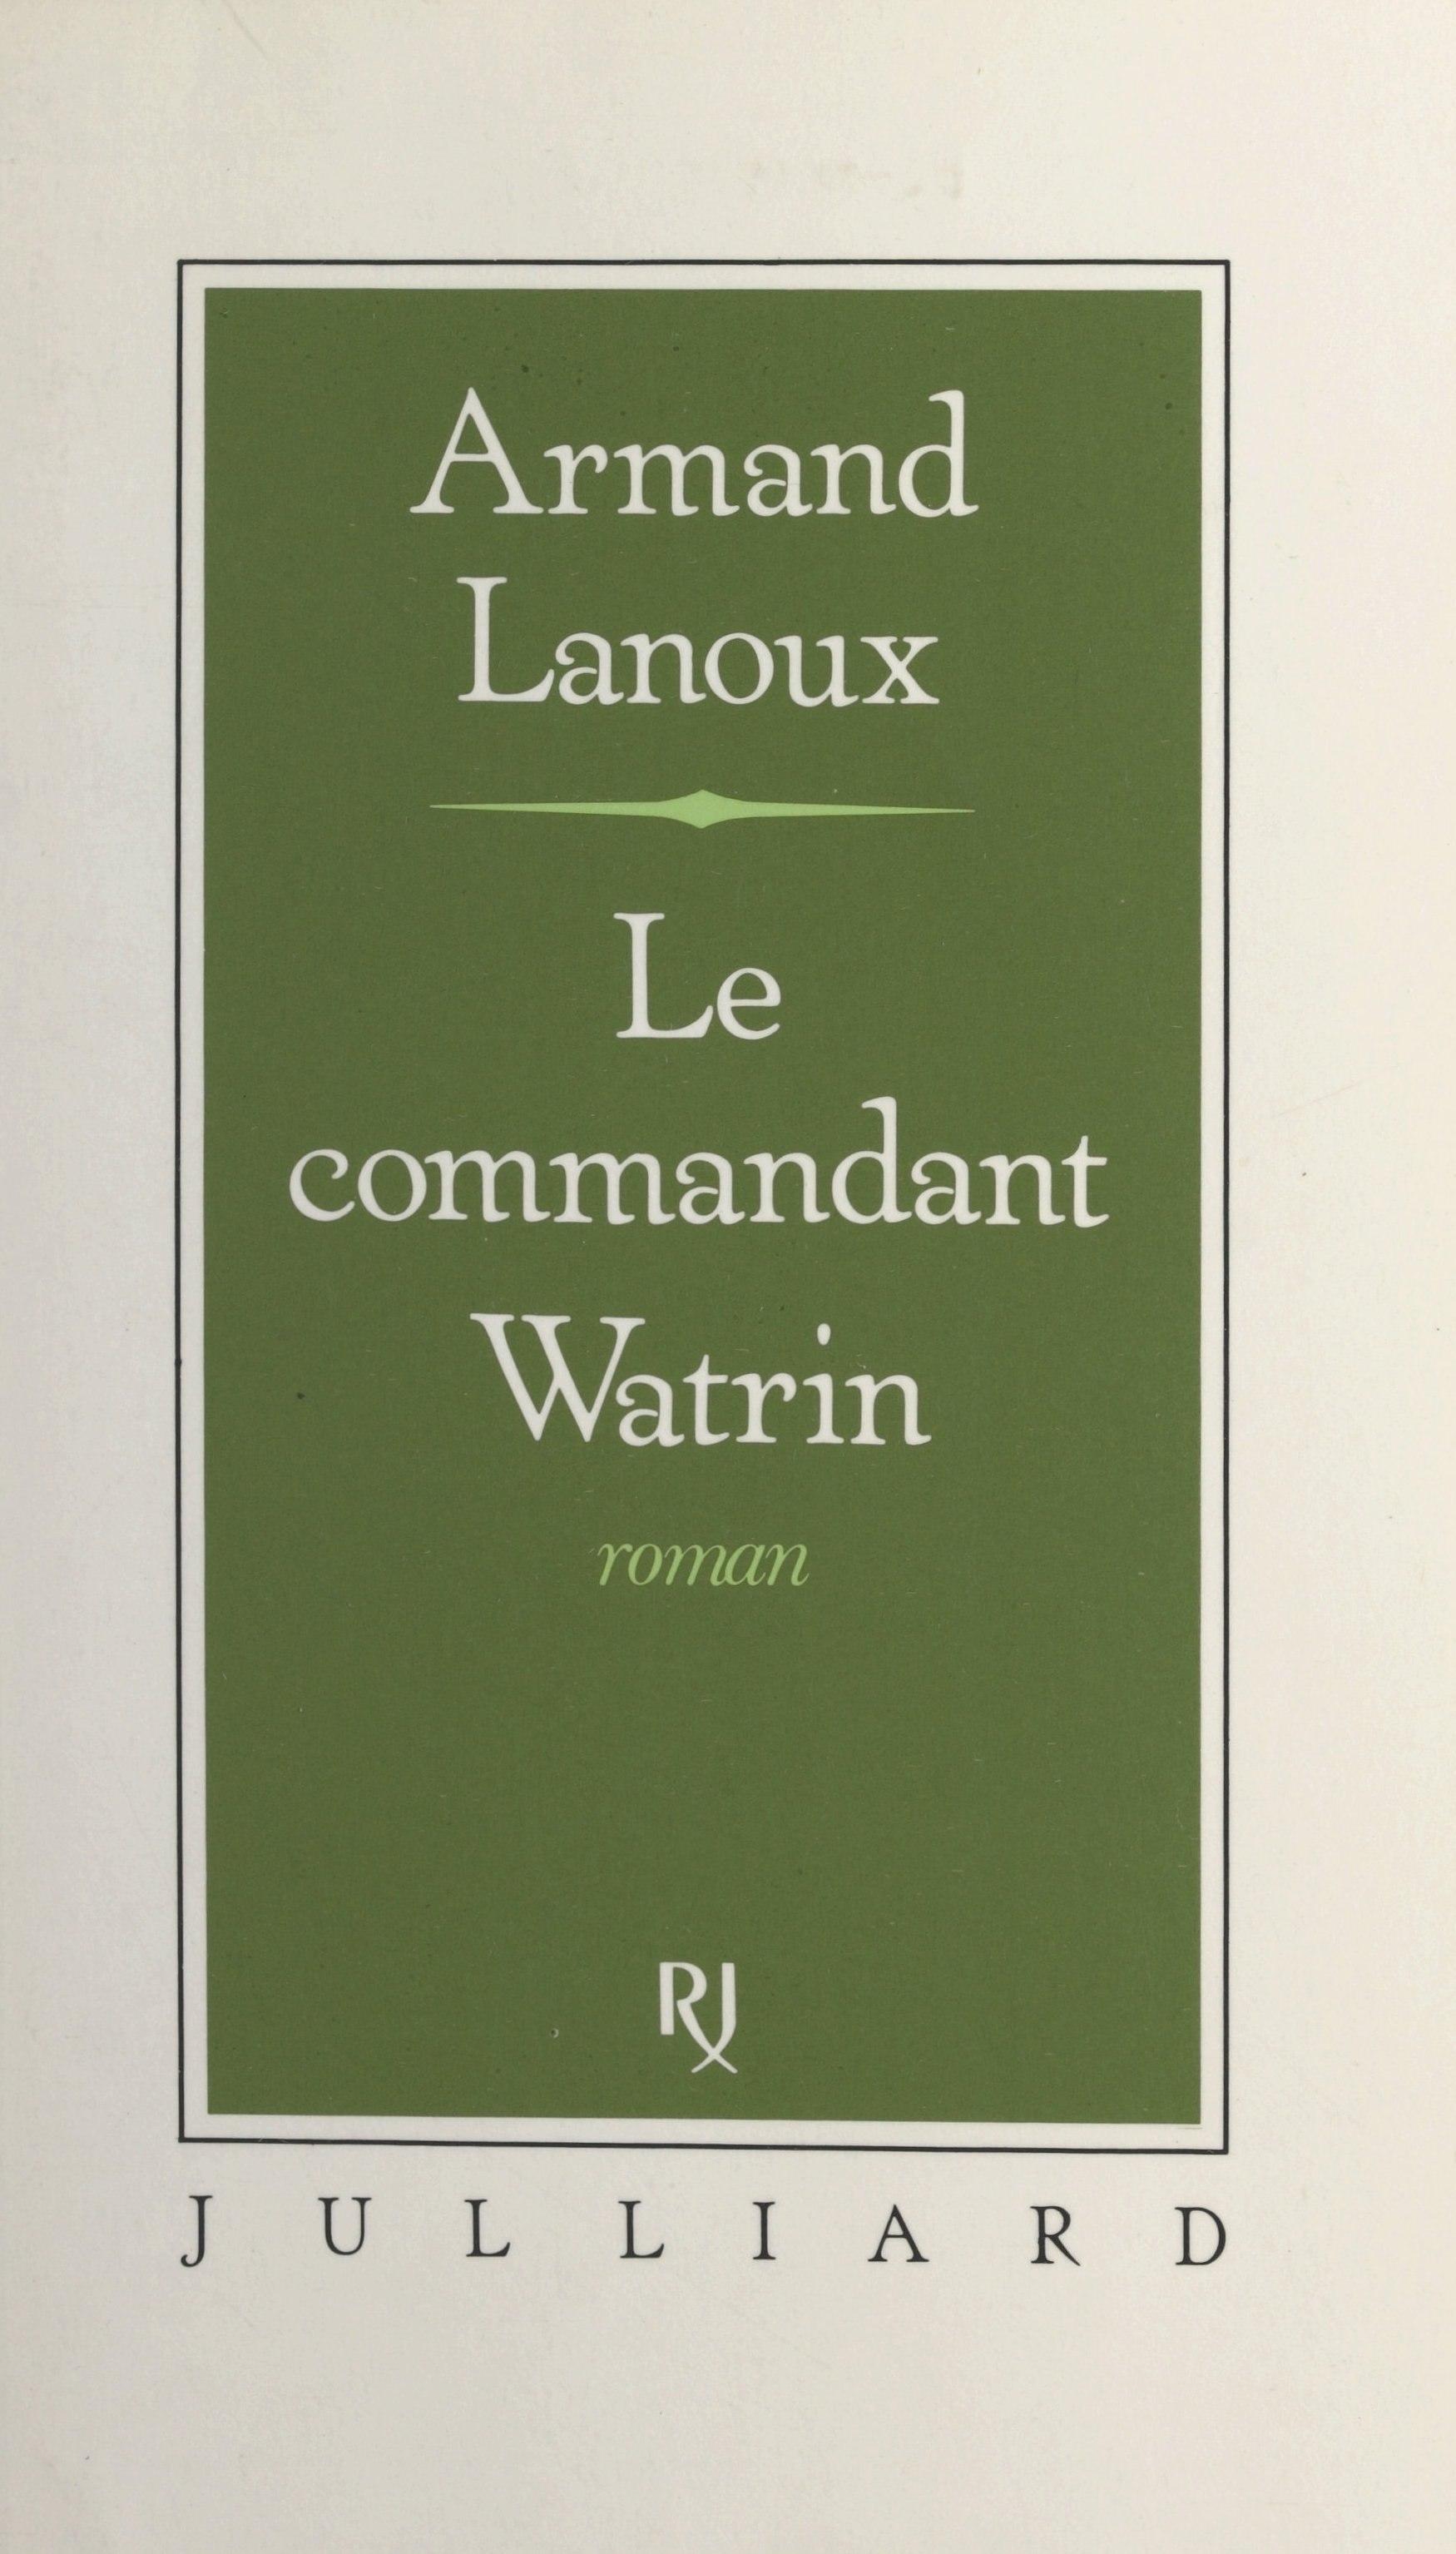 Le commandant Watrin